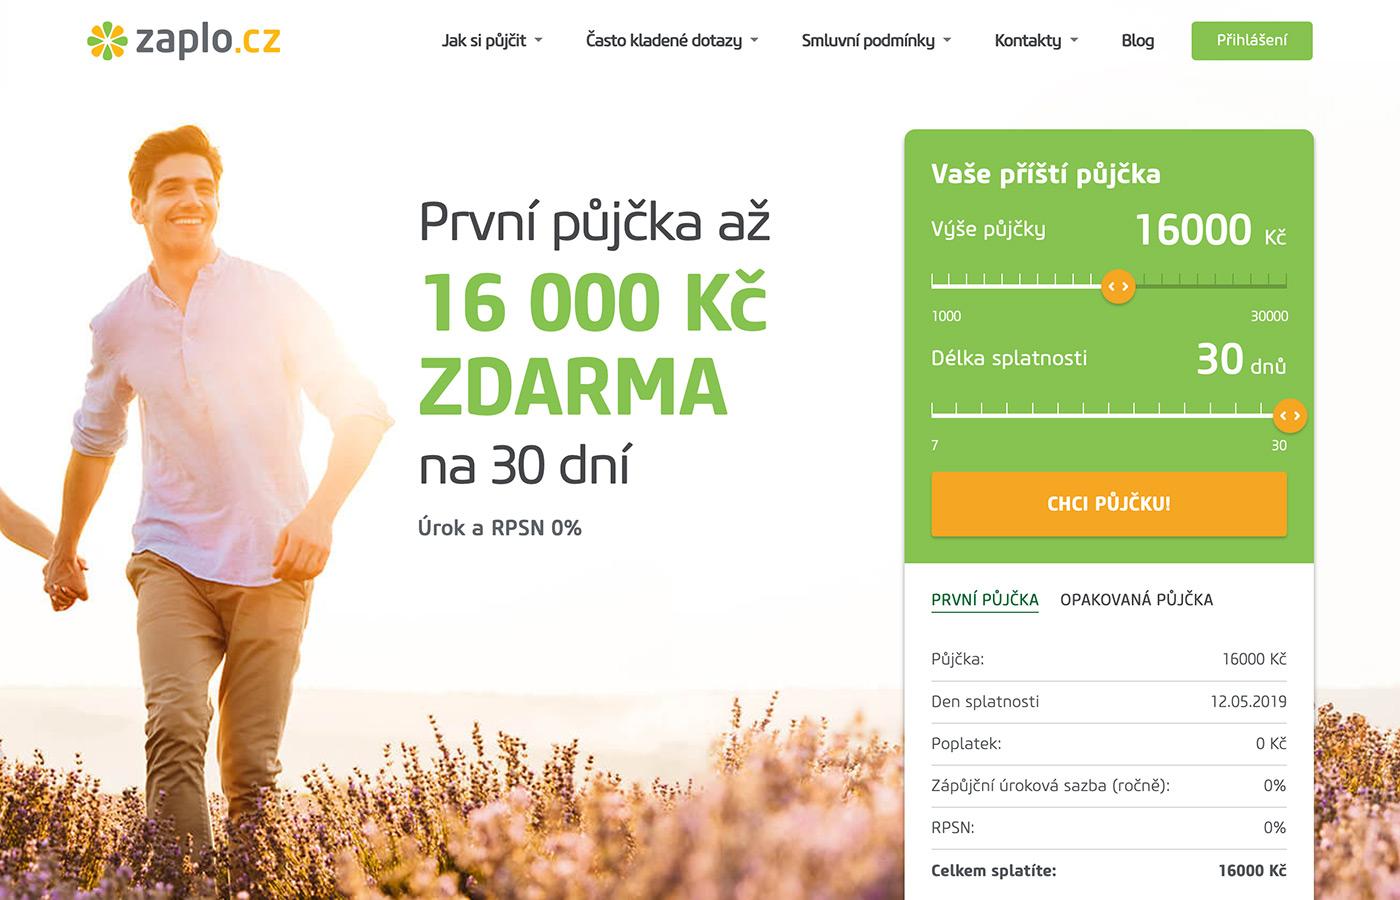 Webové stránky https://www.zaplo.cz